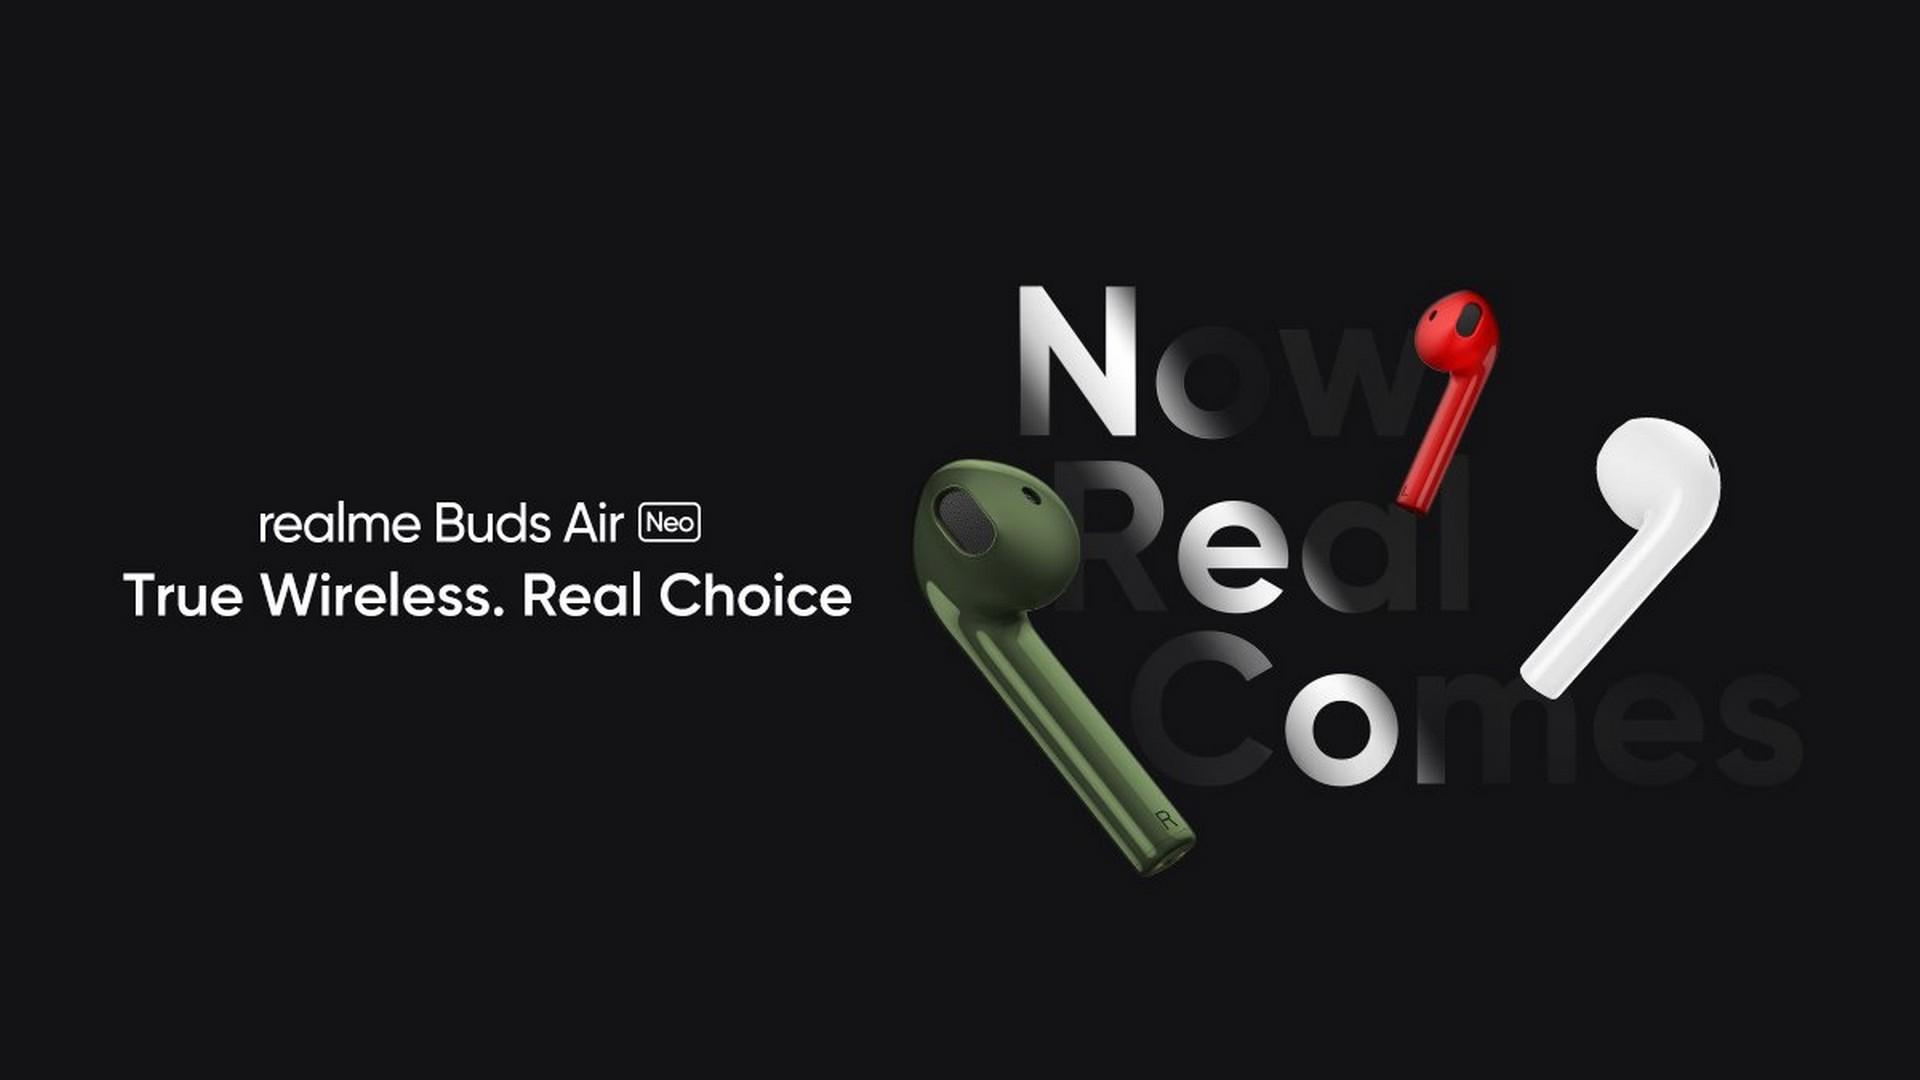 data premiery słuchawek Realme Buds Air Neo TWS